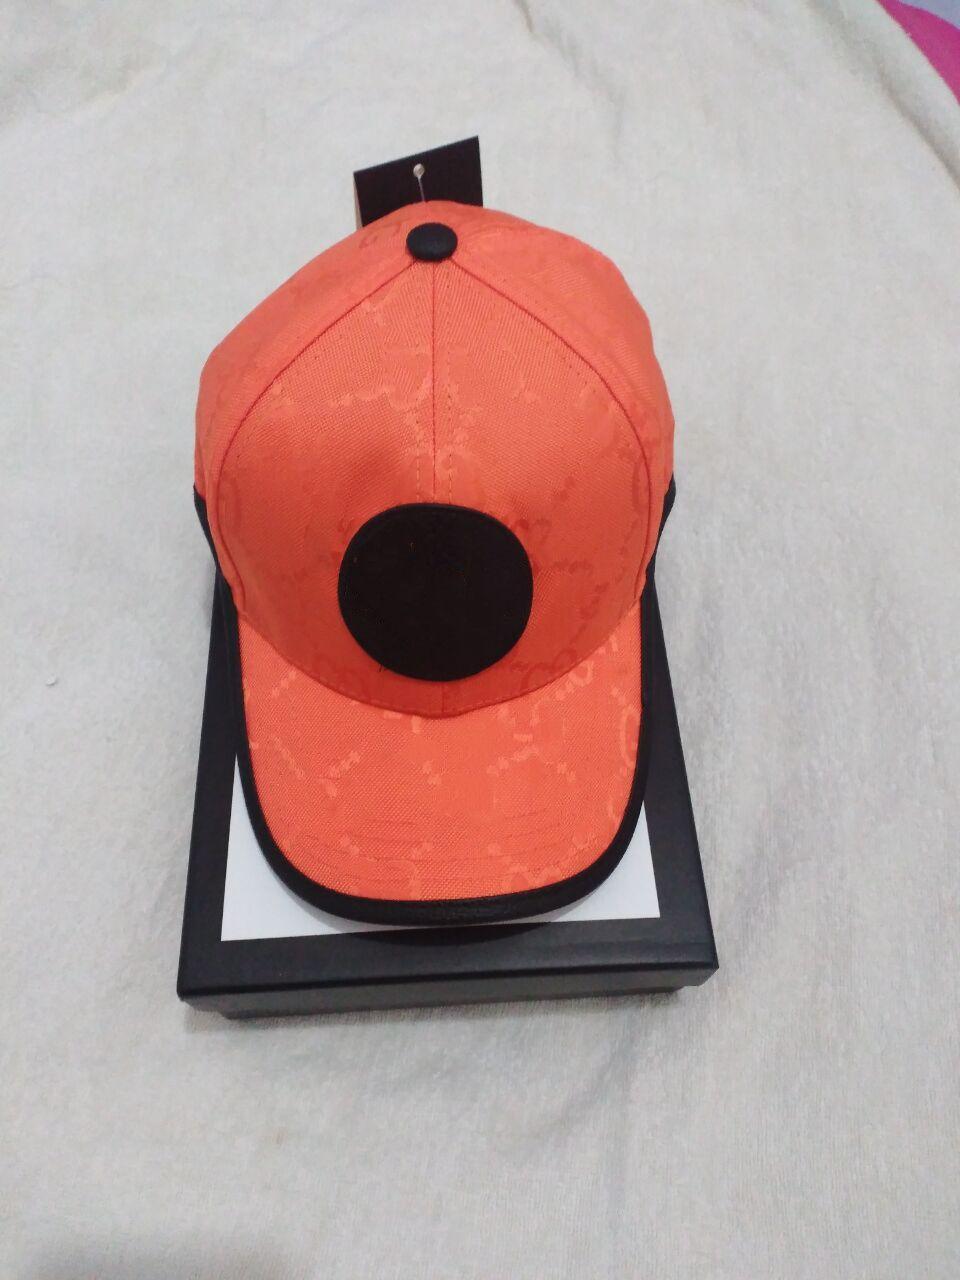 2020 novos chapéu de lona de alta qualidade homens e chapéus femininos esportes ao ar livre lazer de lazer chapéu de volta estilo europeu chapéu de sol boné 019